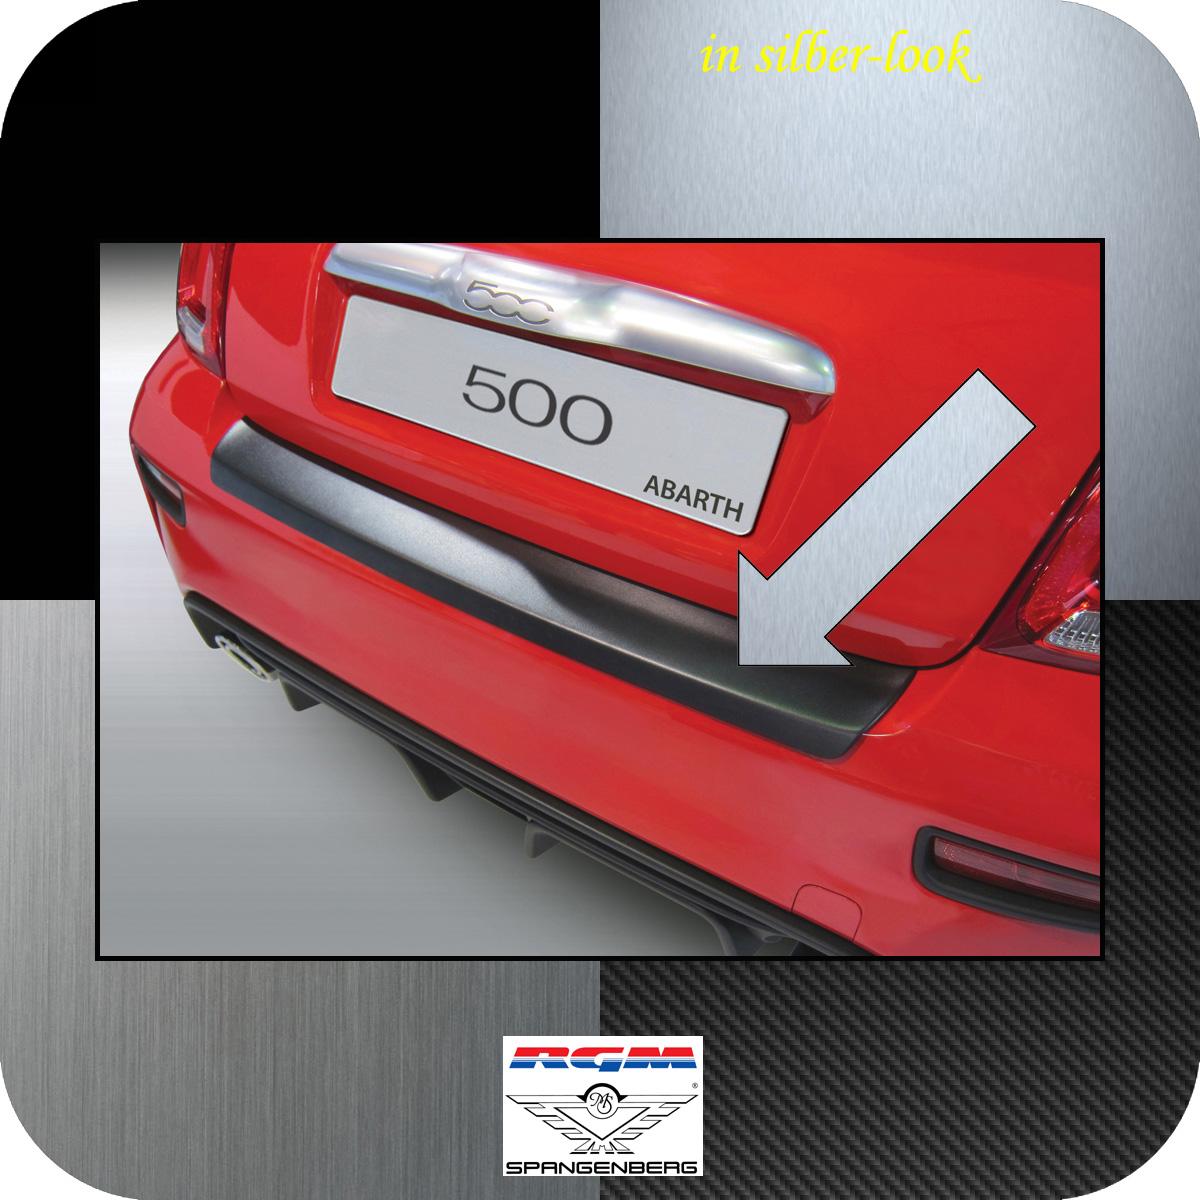 Ladekantenschutz Silber-Look Fiat 500 nur Modelle Abarth ab Bj 2016- 3506935